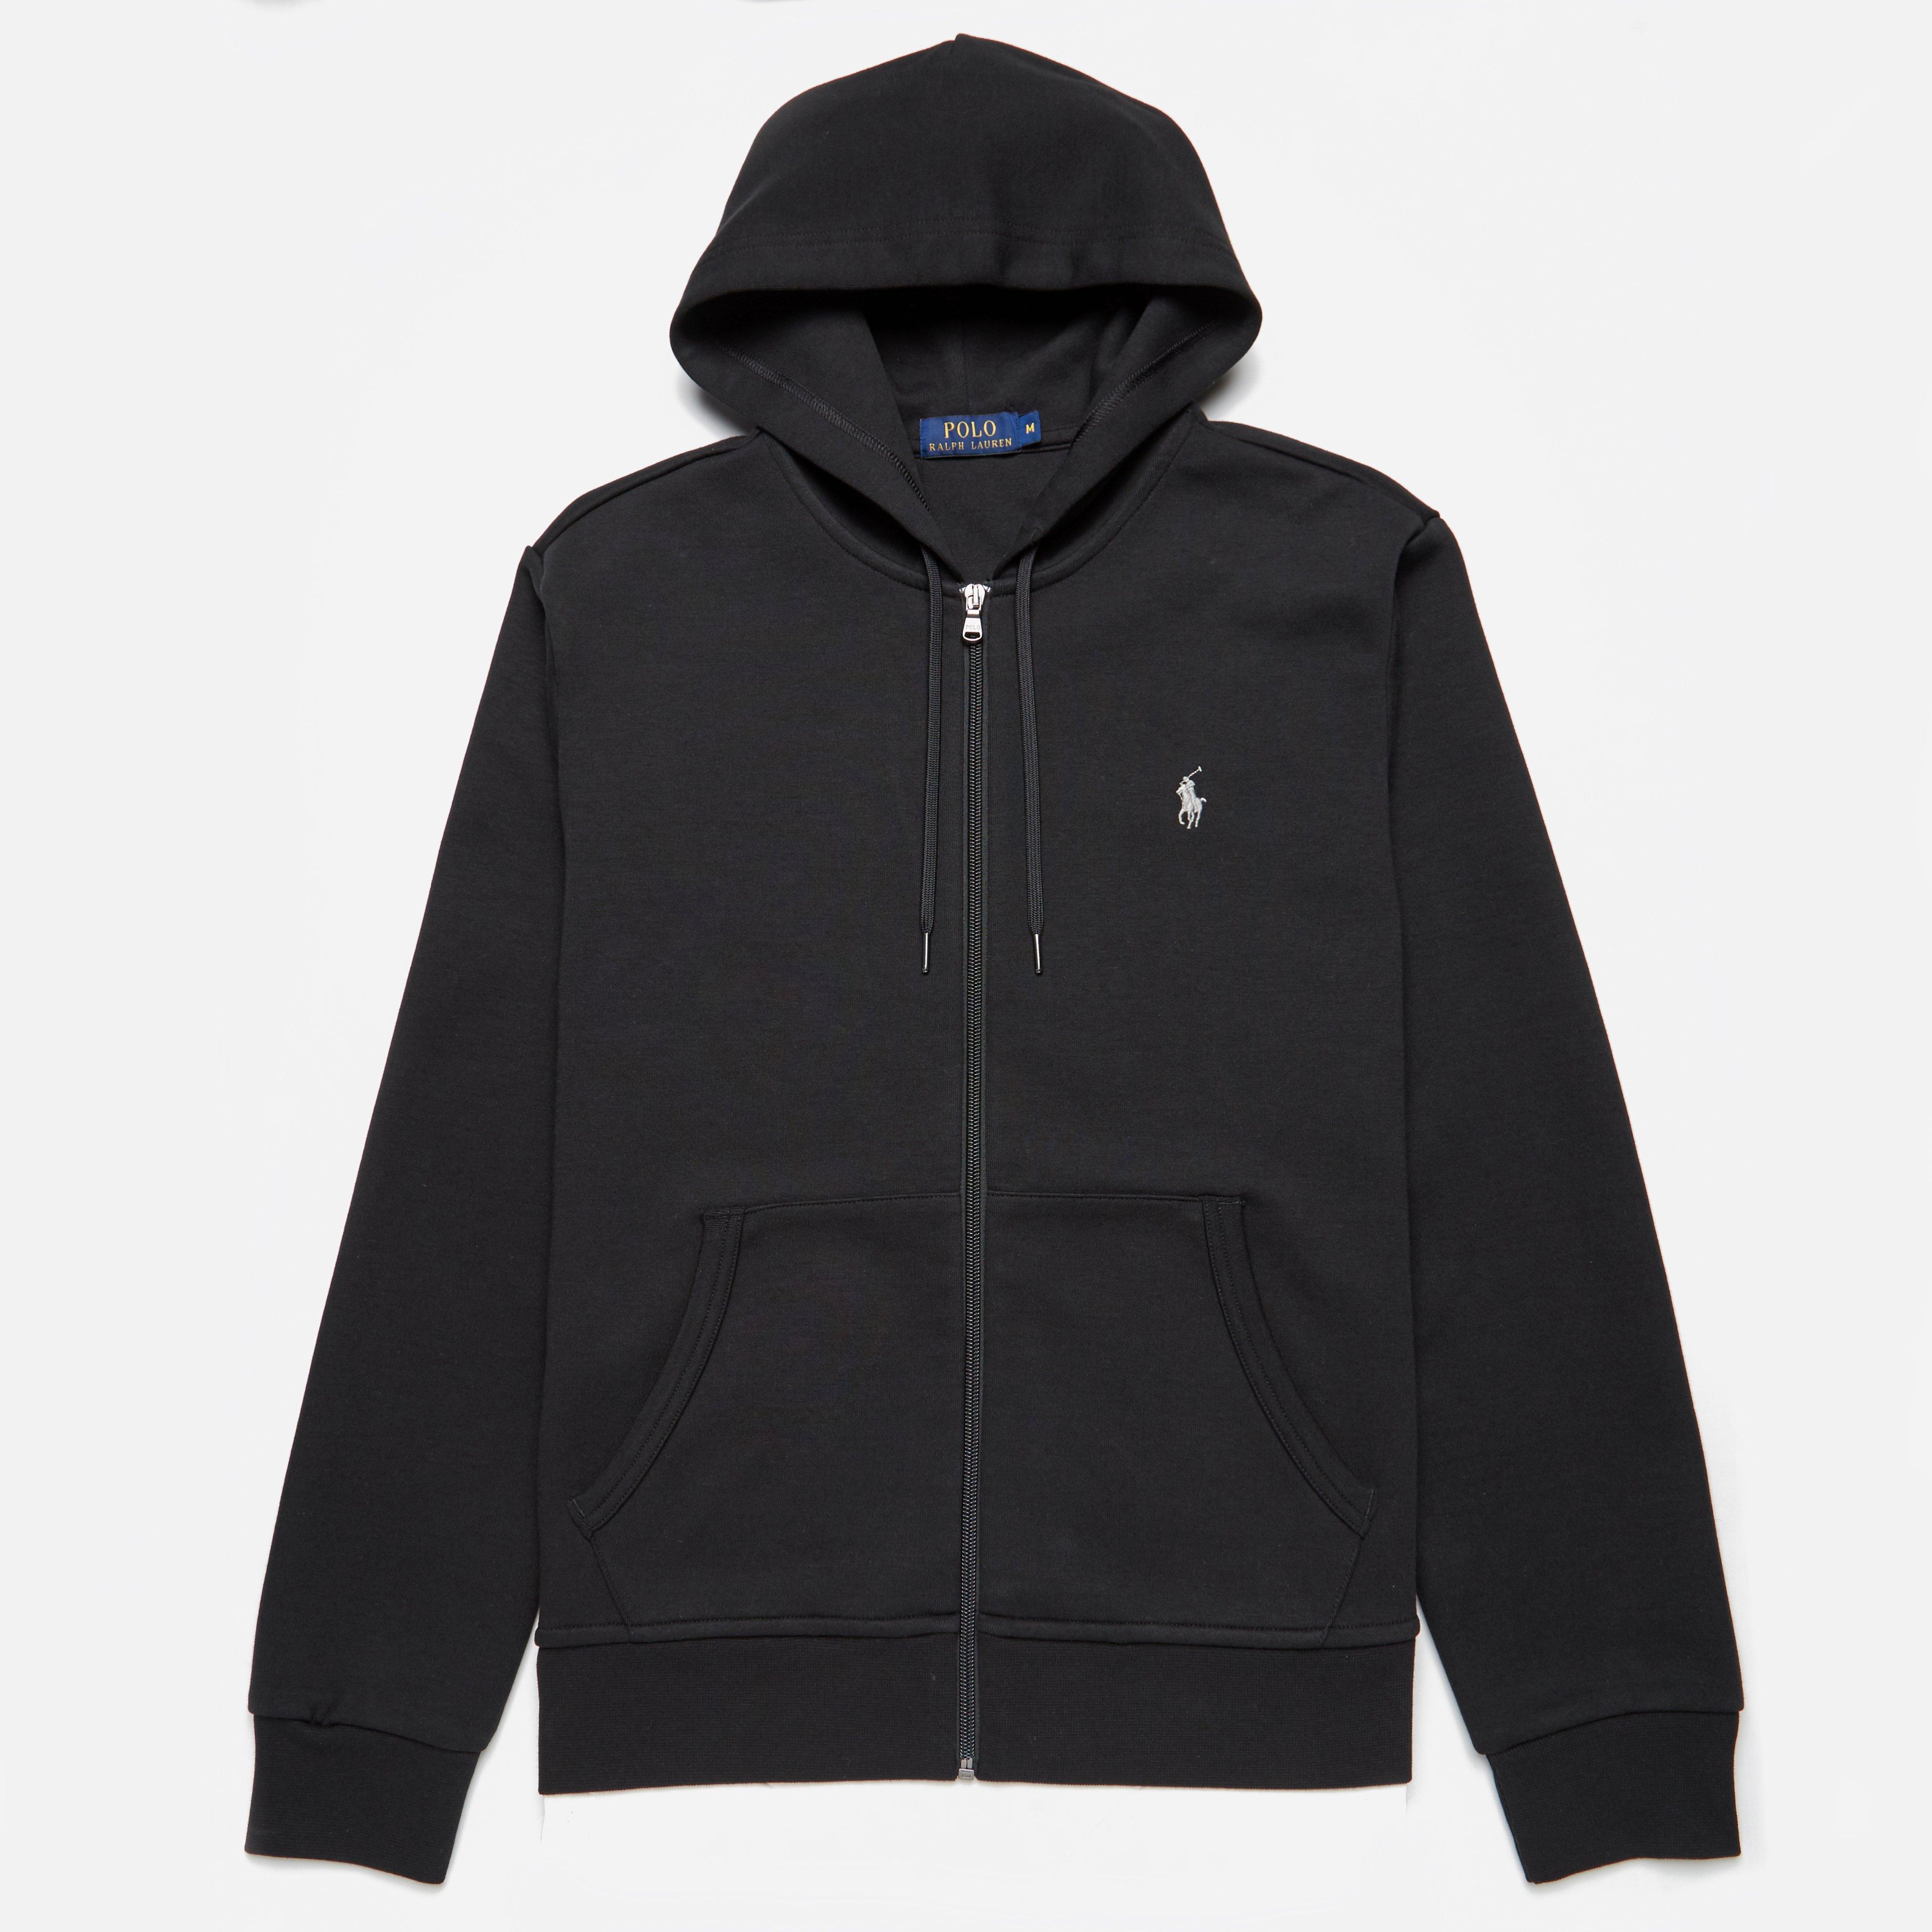 Polo Ralph Lauren Full Zip Hooded Sweat